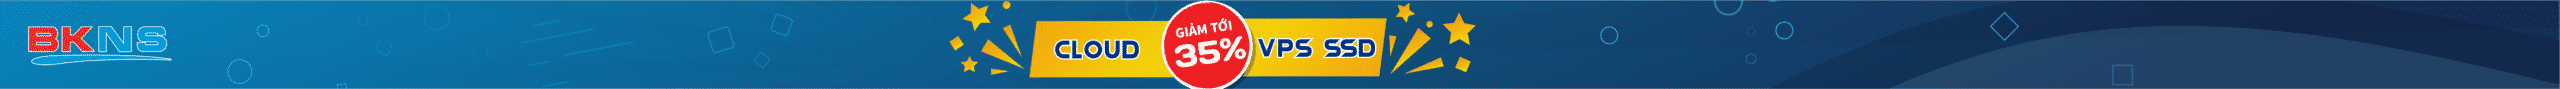 vps_35%-01-01-02